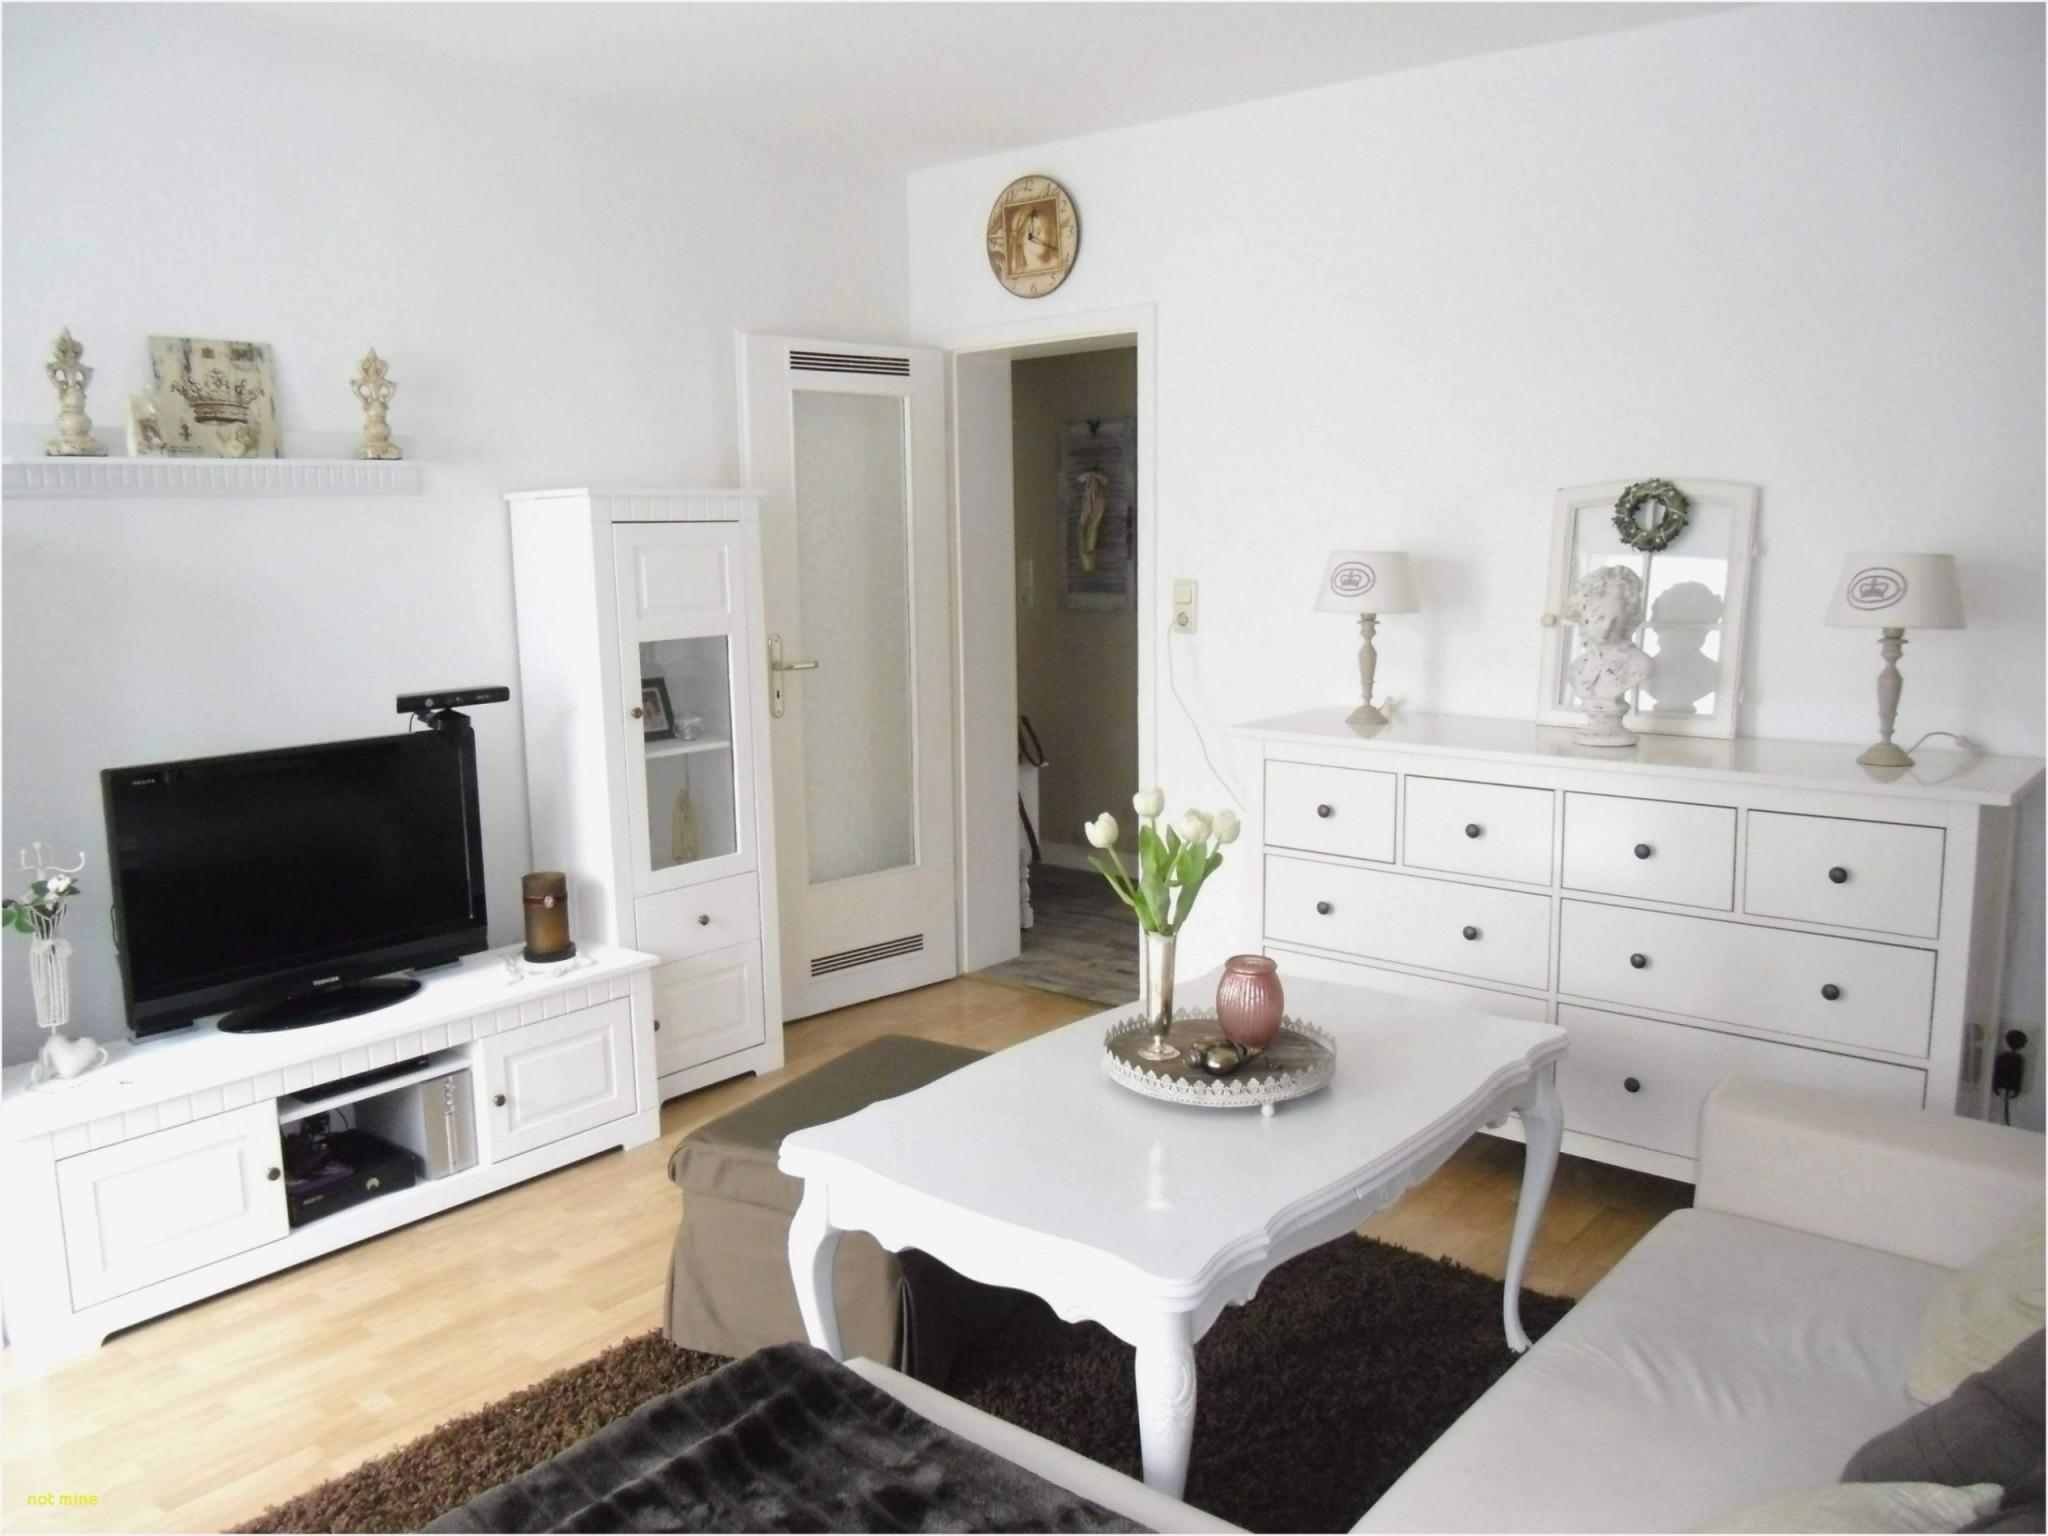 Wohnzimmer Grau Weiss Dekorieren – Caseconrad von Wohnzimmer Deko Grau Weiß Photo